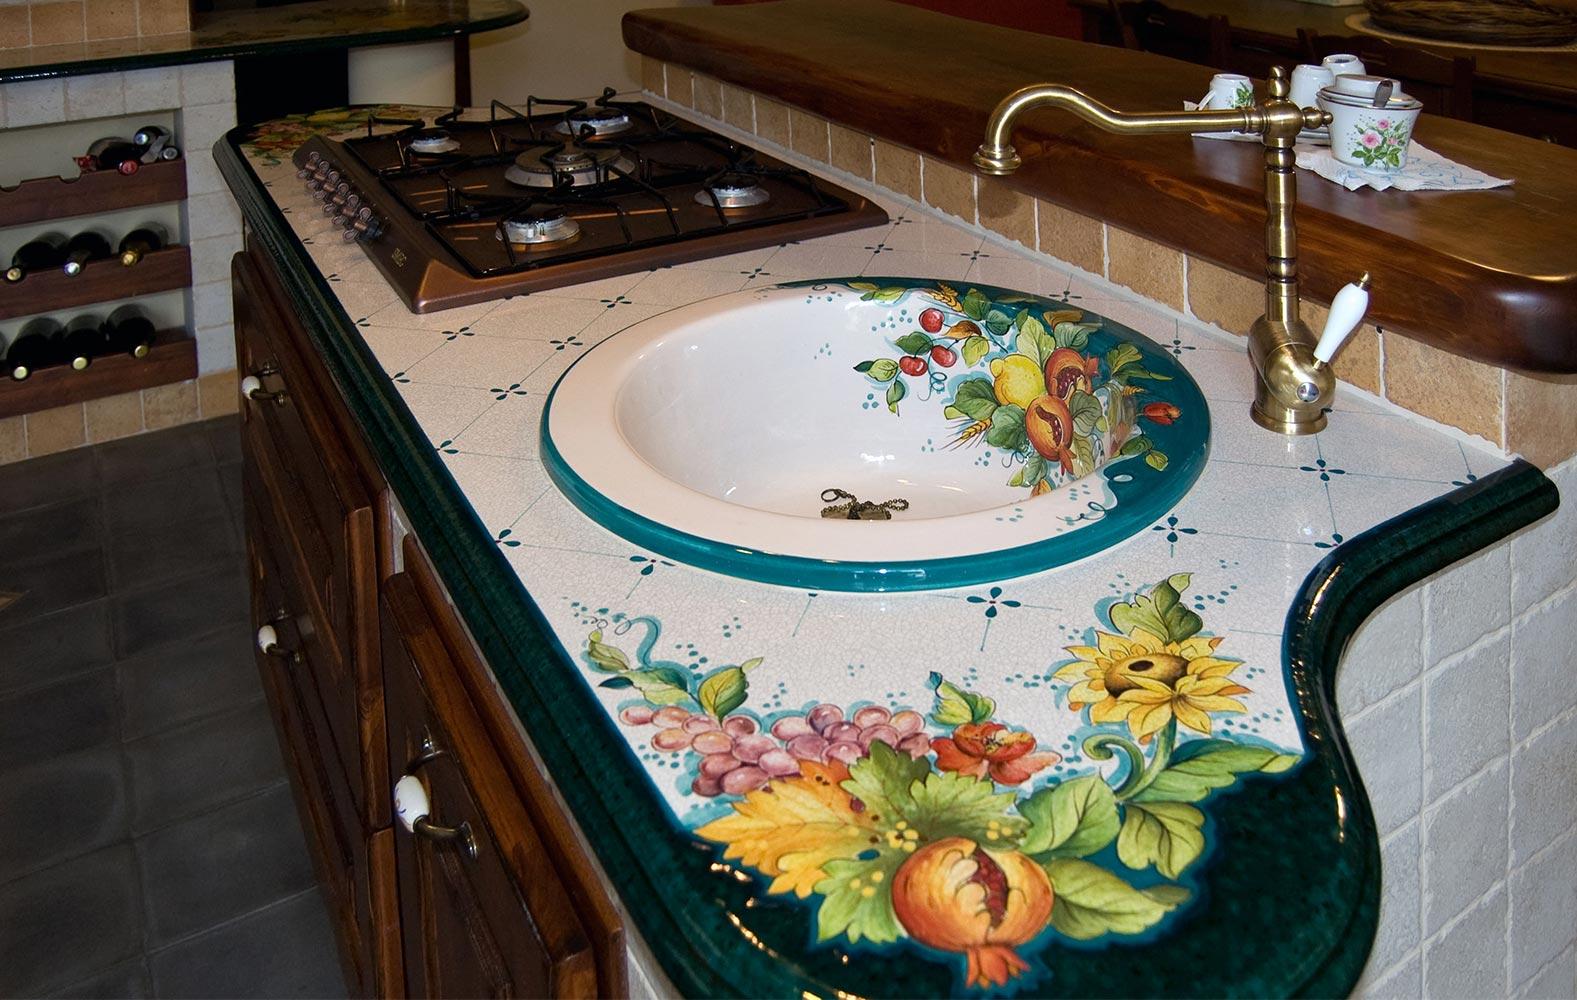 Cucina lombardia artesole - Arte sole cucine ...